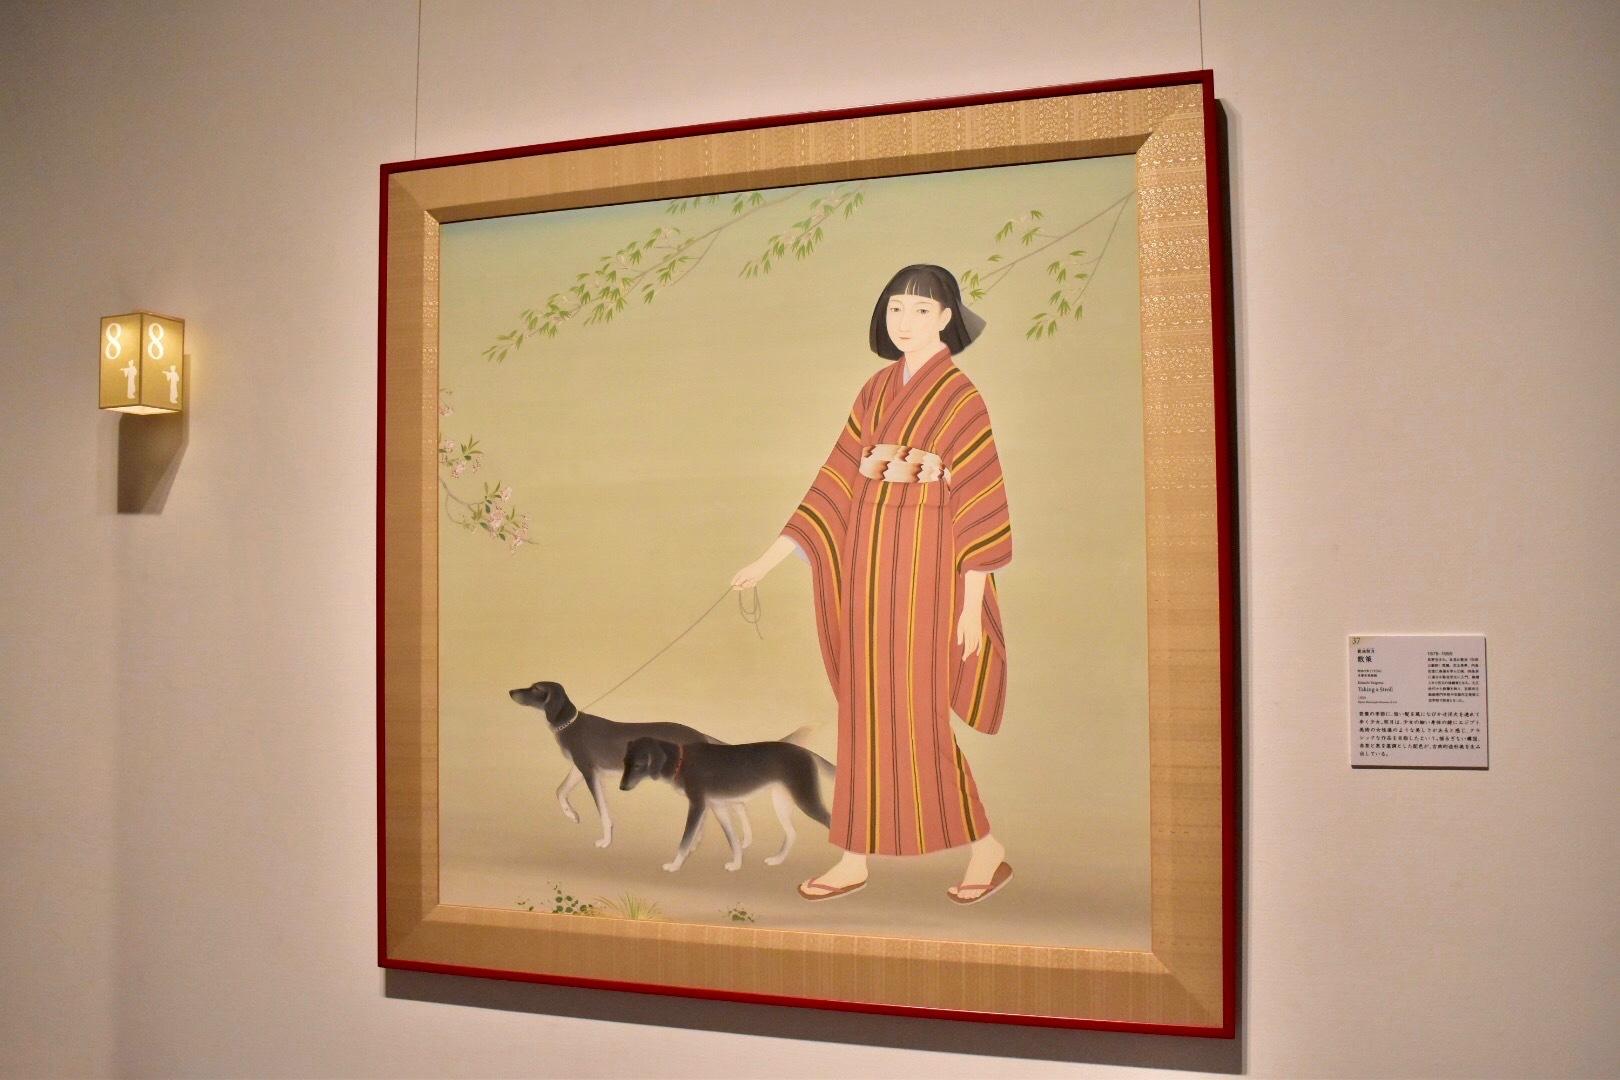 菊池契月 《散策》 昭和9年 京都市美術館蔵